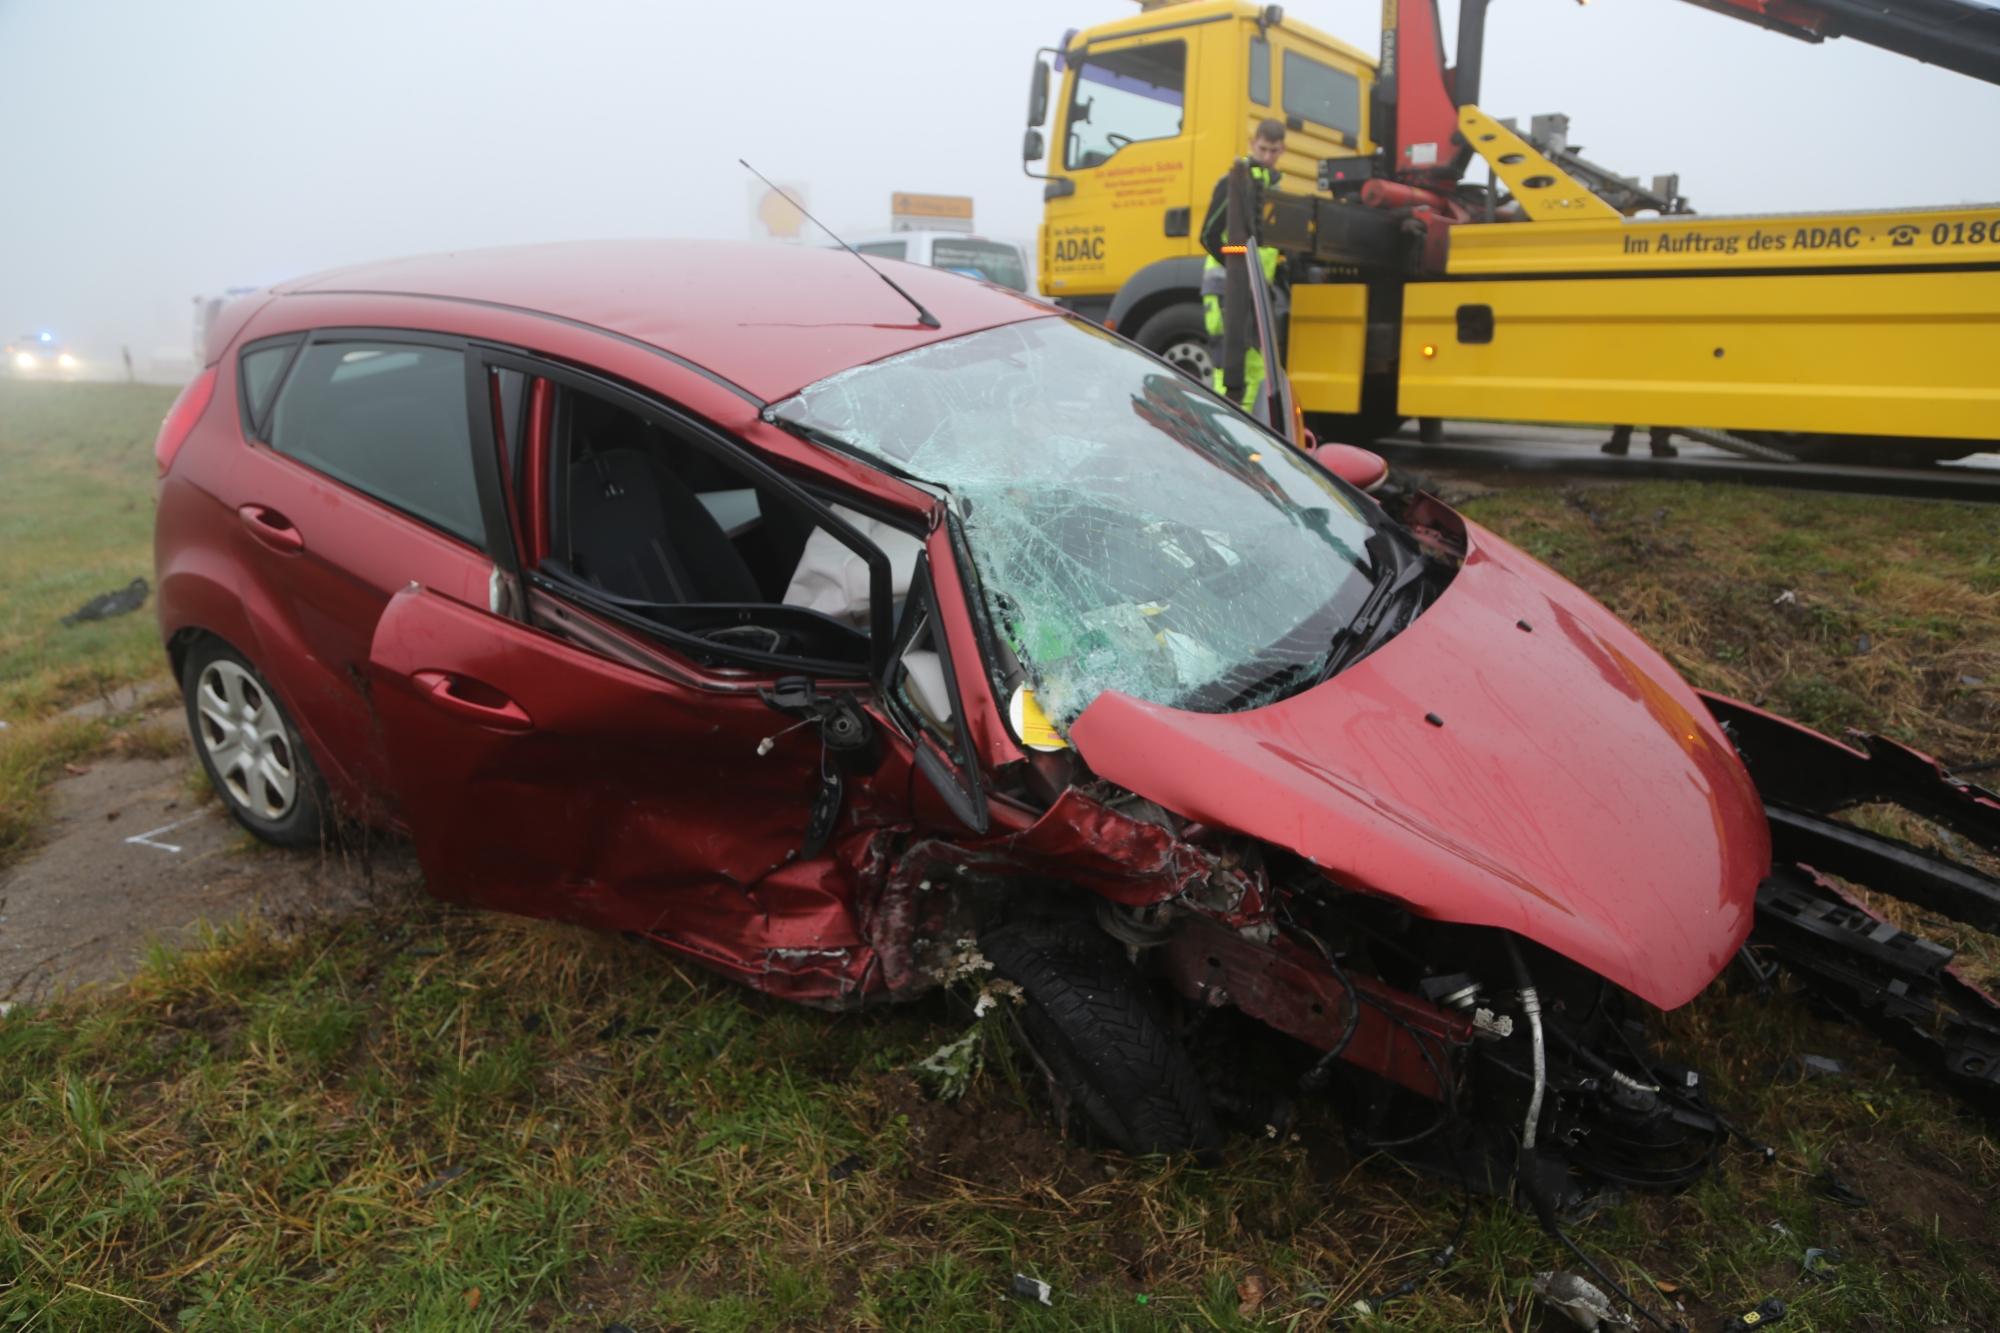 2019-11-22_Kisslegg_Unterhorgen_265_Frontalzusammenstoss_Unfall_Polizei_IMG_2061